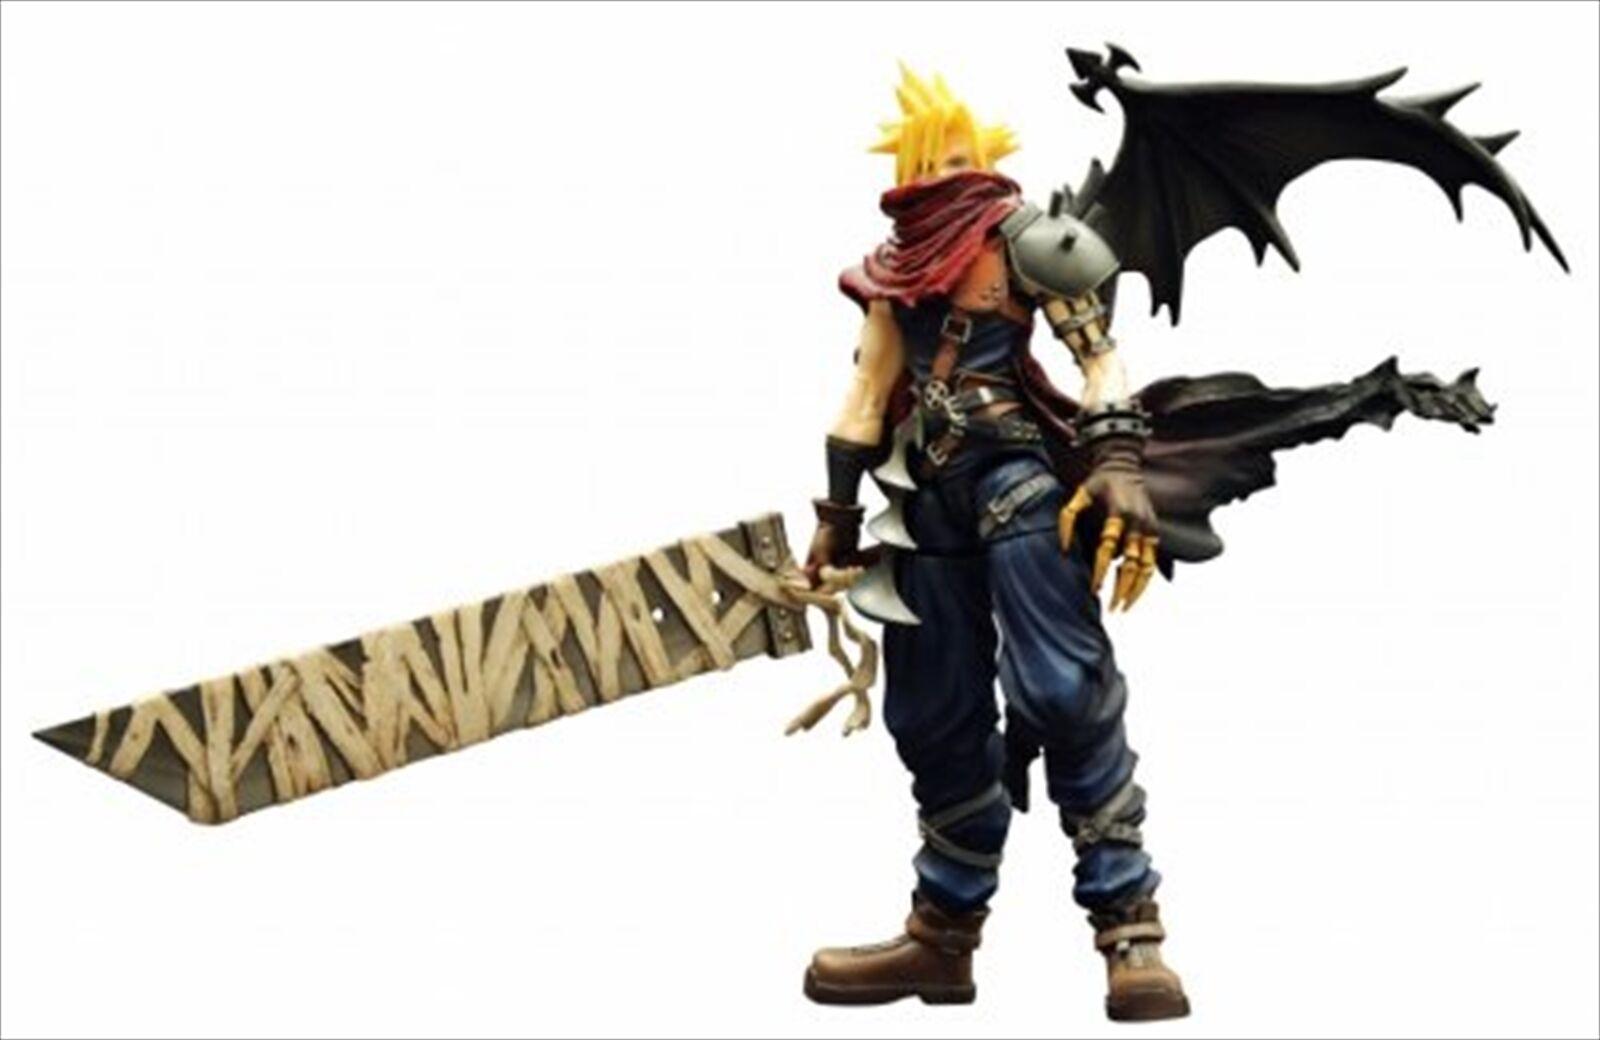 Square Enix Play Arts Vol. 2 Uni Cloud Strife coeurs Ver. Action Figure